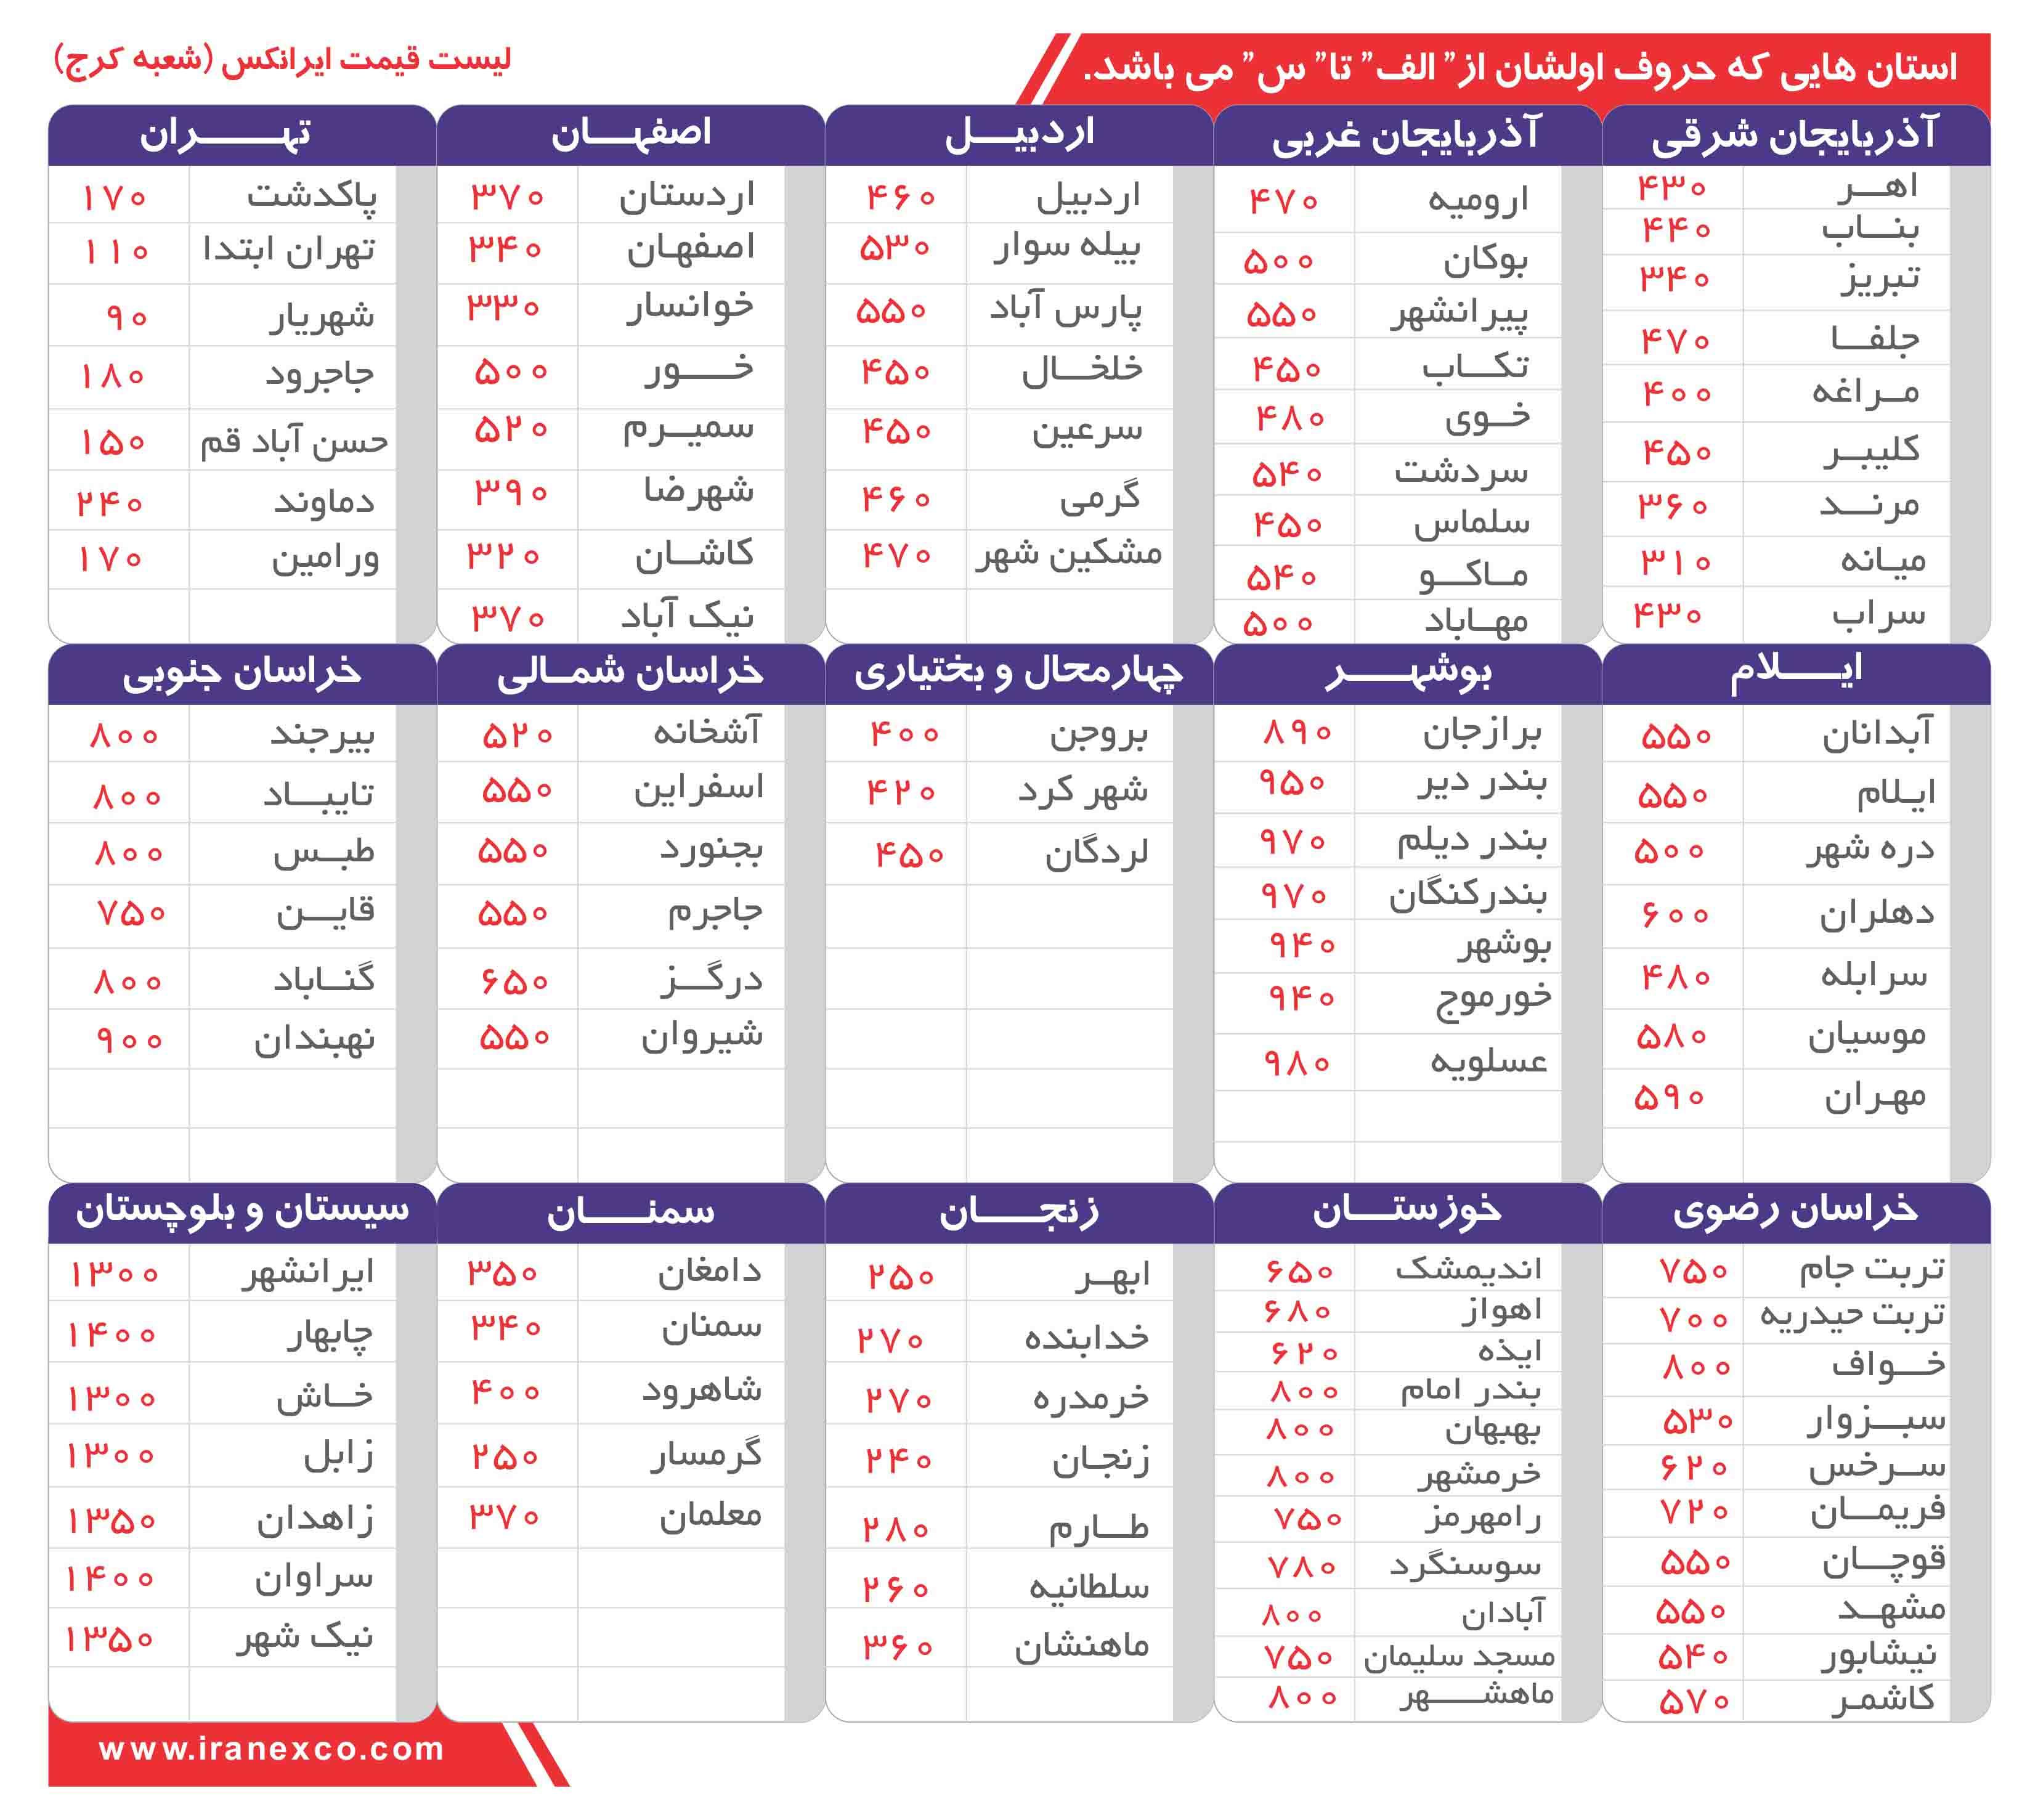 لیست قیمت باربری نیسان کرج 1